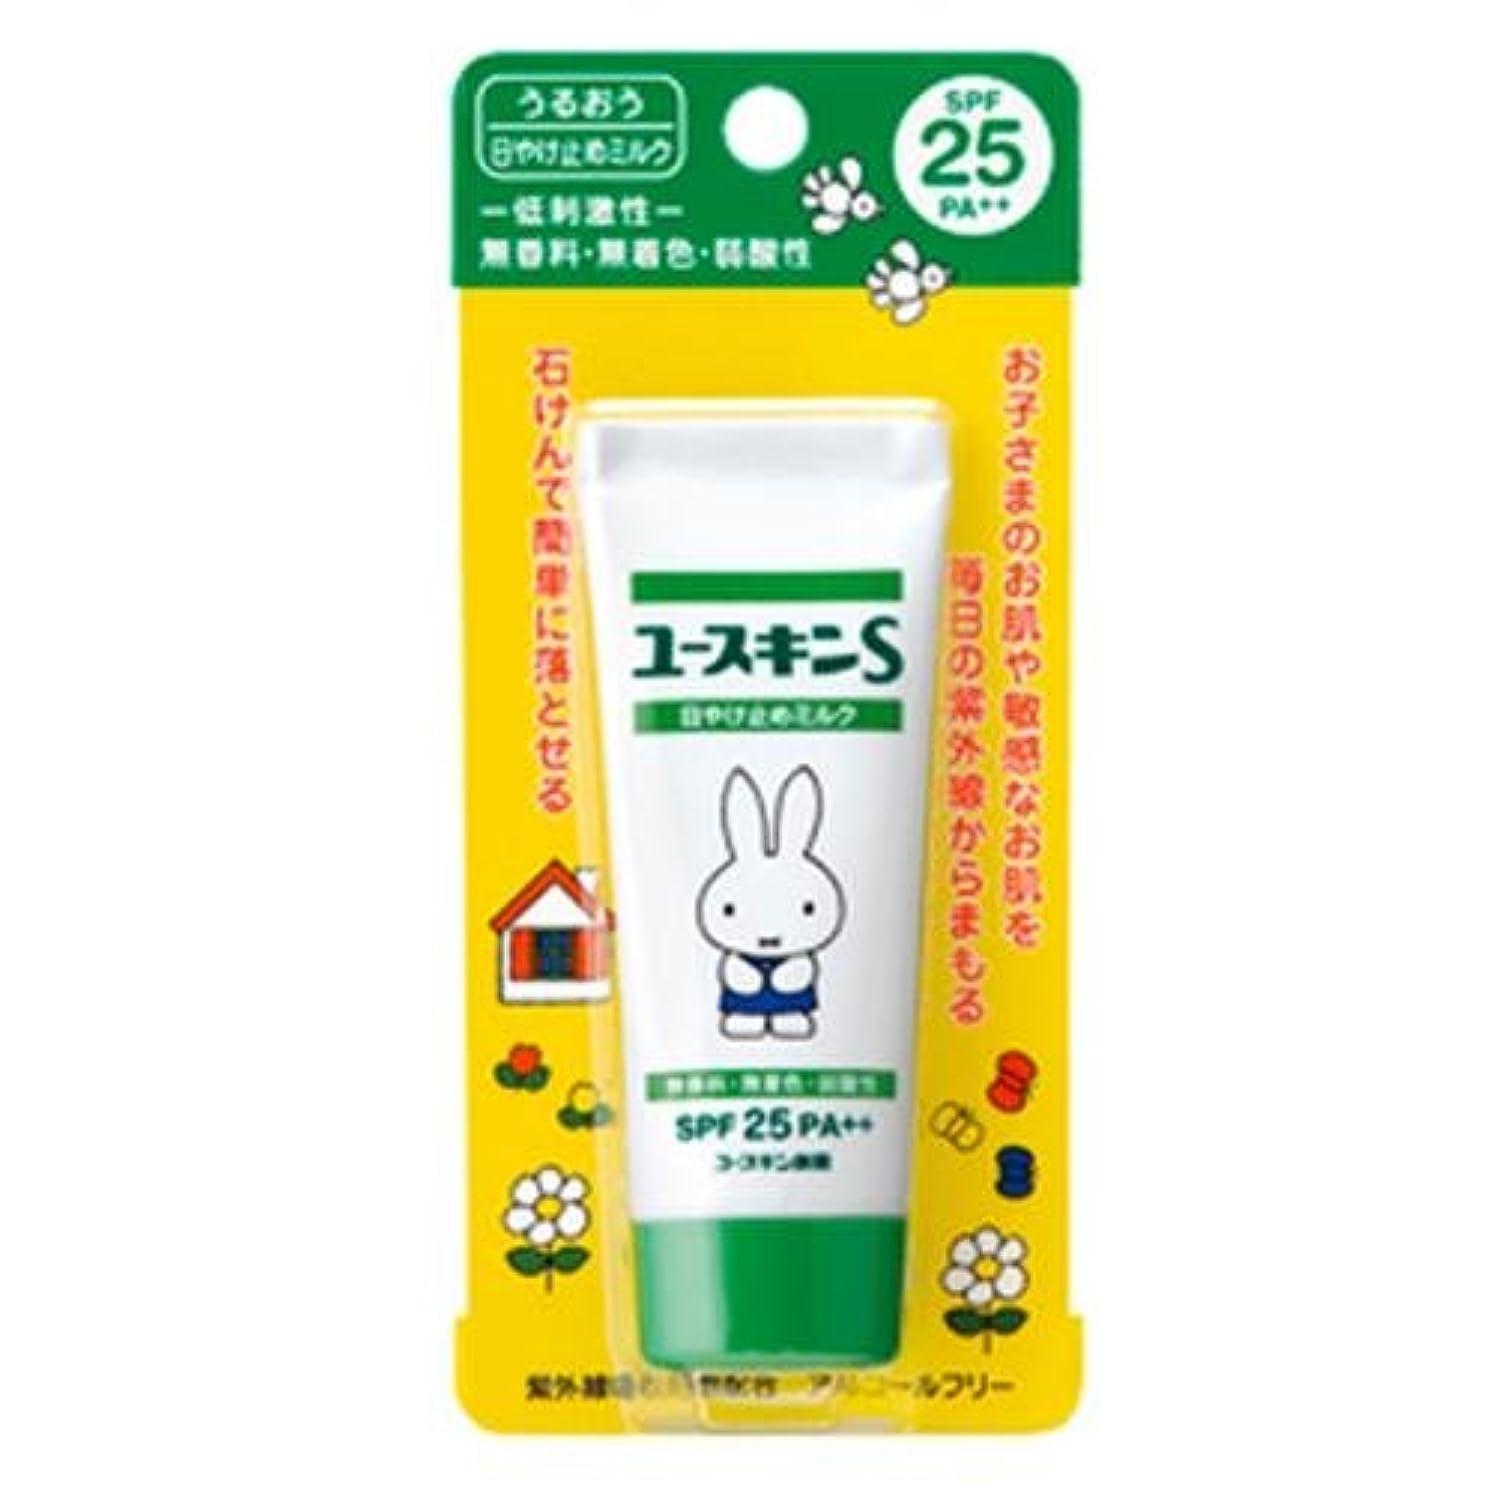 振り子ハイジャック仮装ユースキンS UVミルク SPF25 PA++ 40g (敏感肌用 日焼け止め)